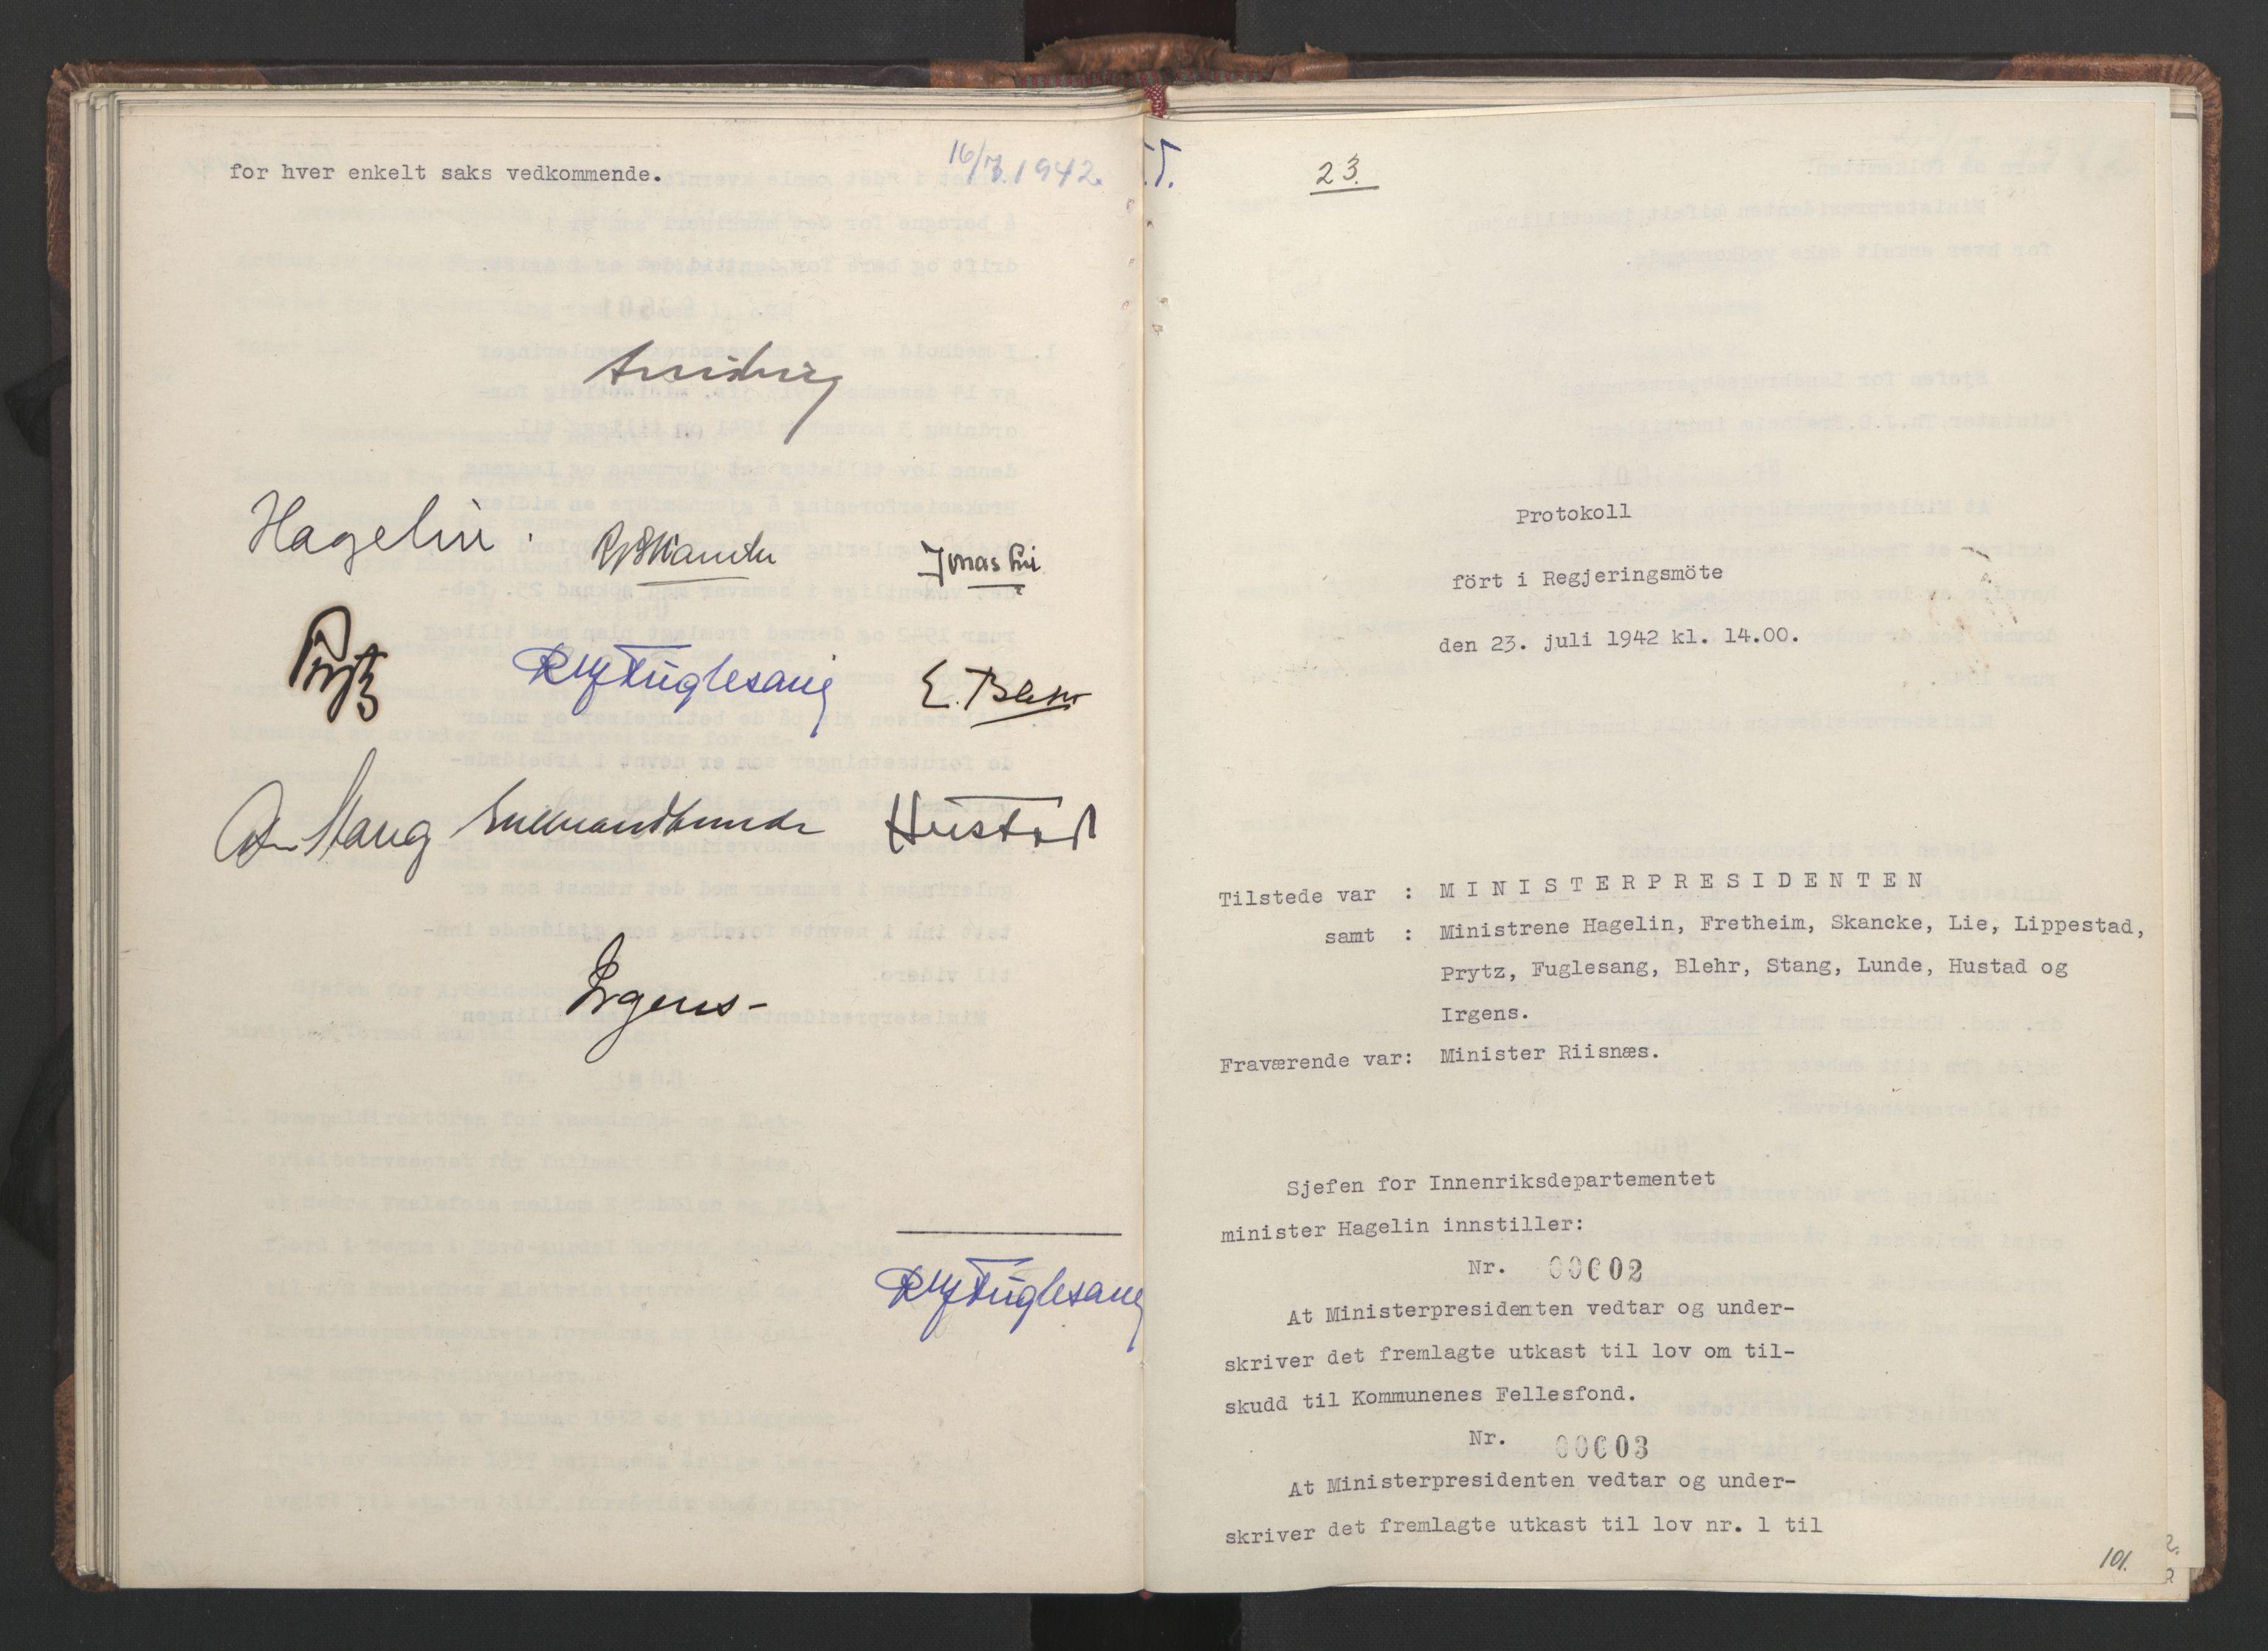 RA, NS-administrasjonen 1940-1945 (Statsrådsekretariatet, de kommisariske statsråder mm), D/Da/L0001: Beslutninger og tillegg (1-952 og 1-32), 1942, s. 100b-101a